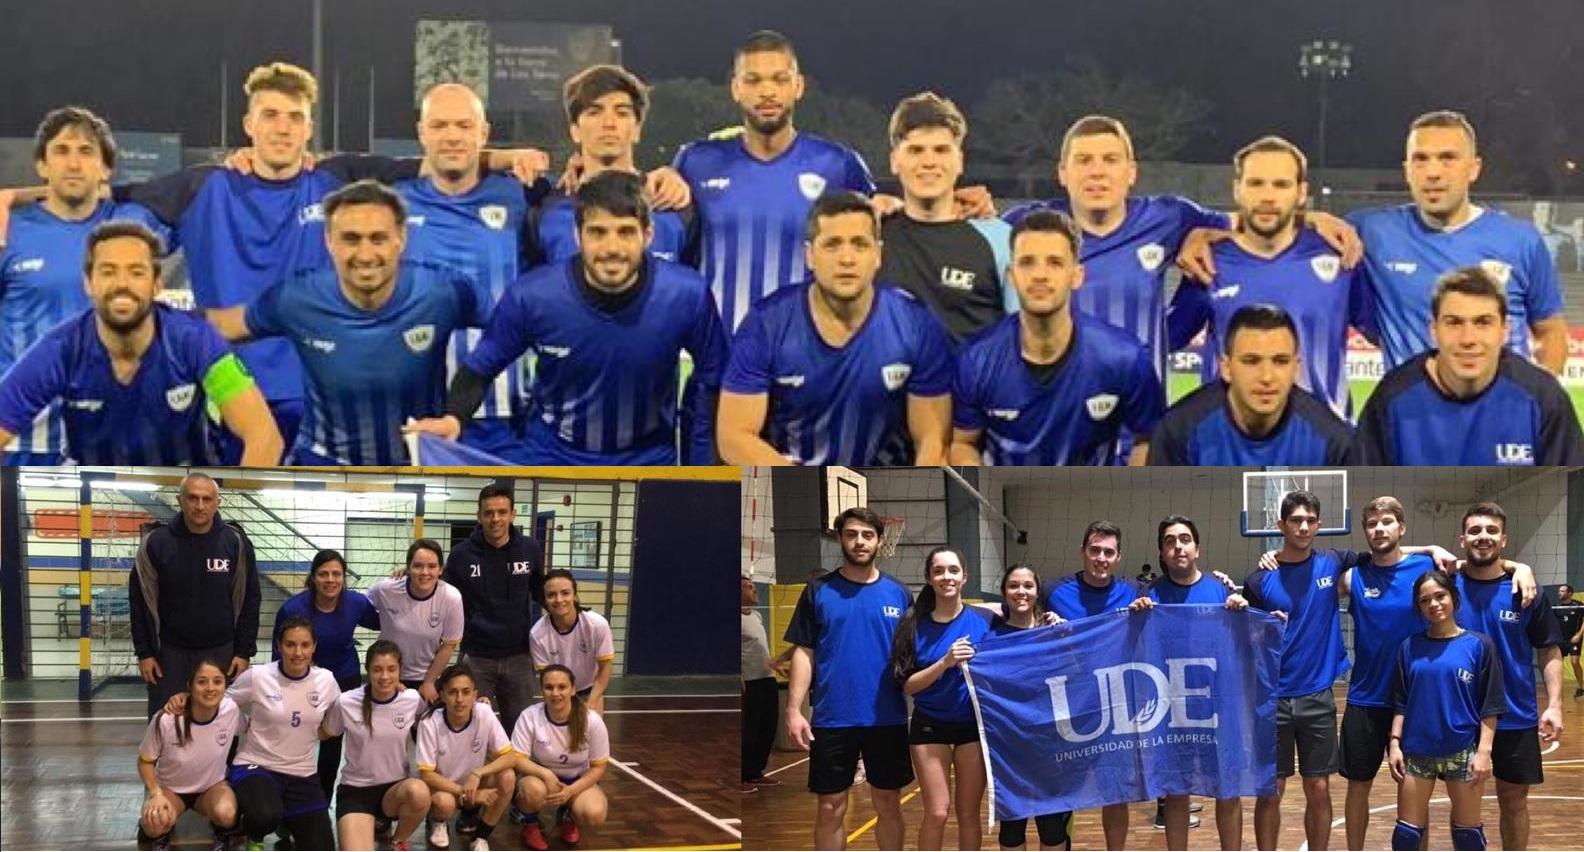 Deportes UDE<br>Disfrutá de la experiencia